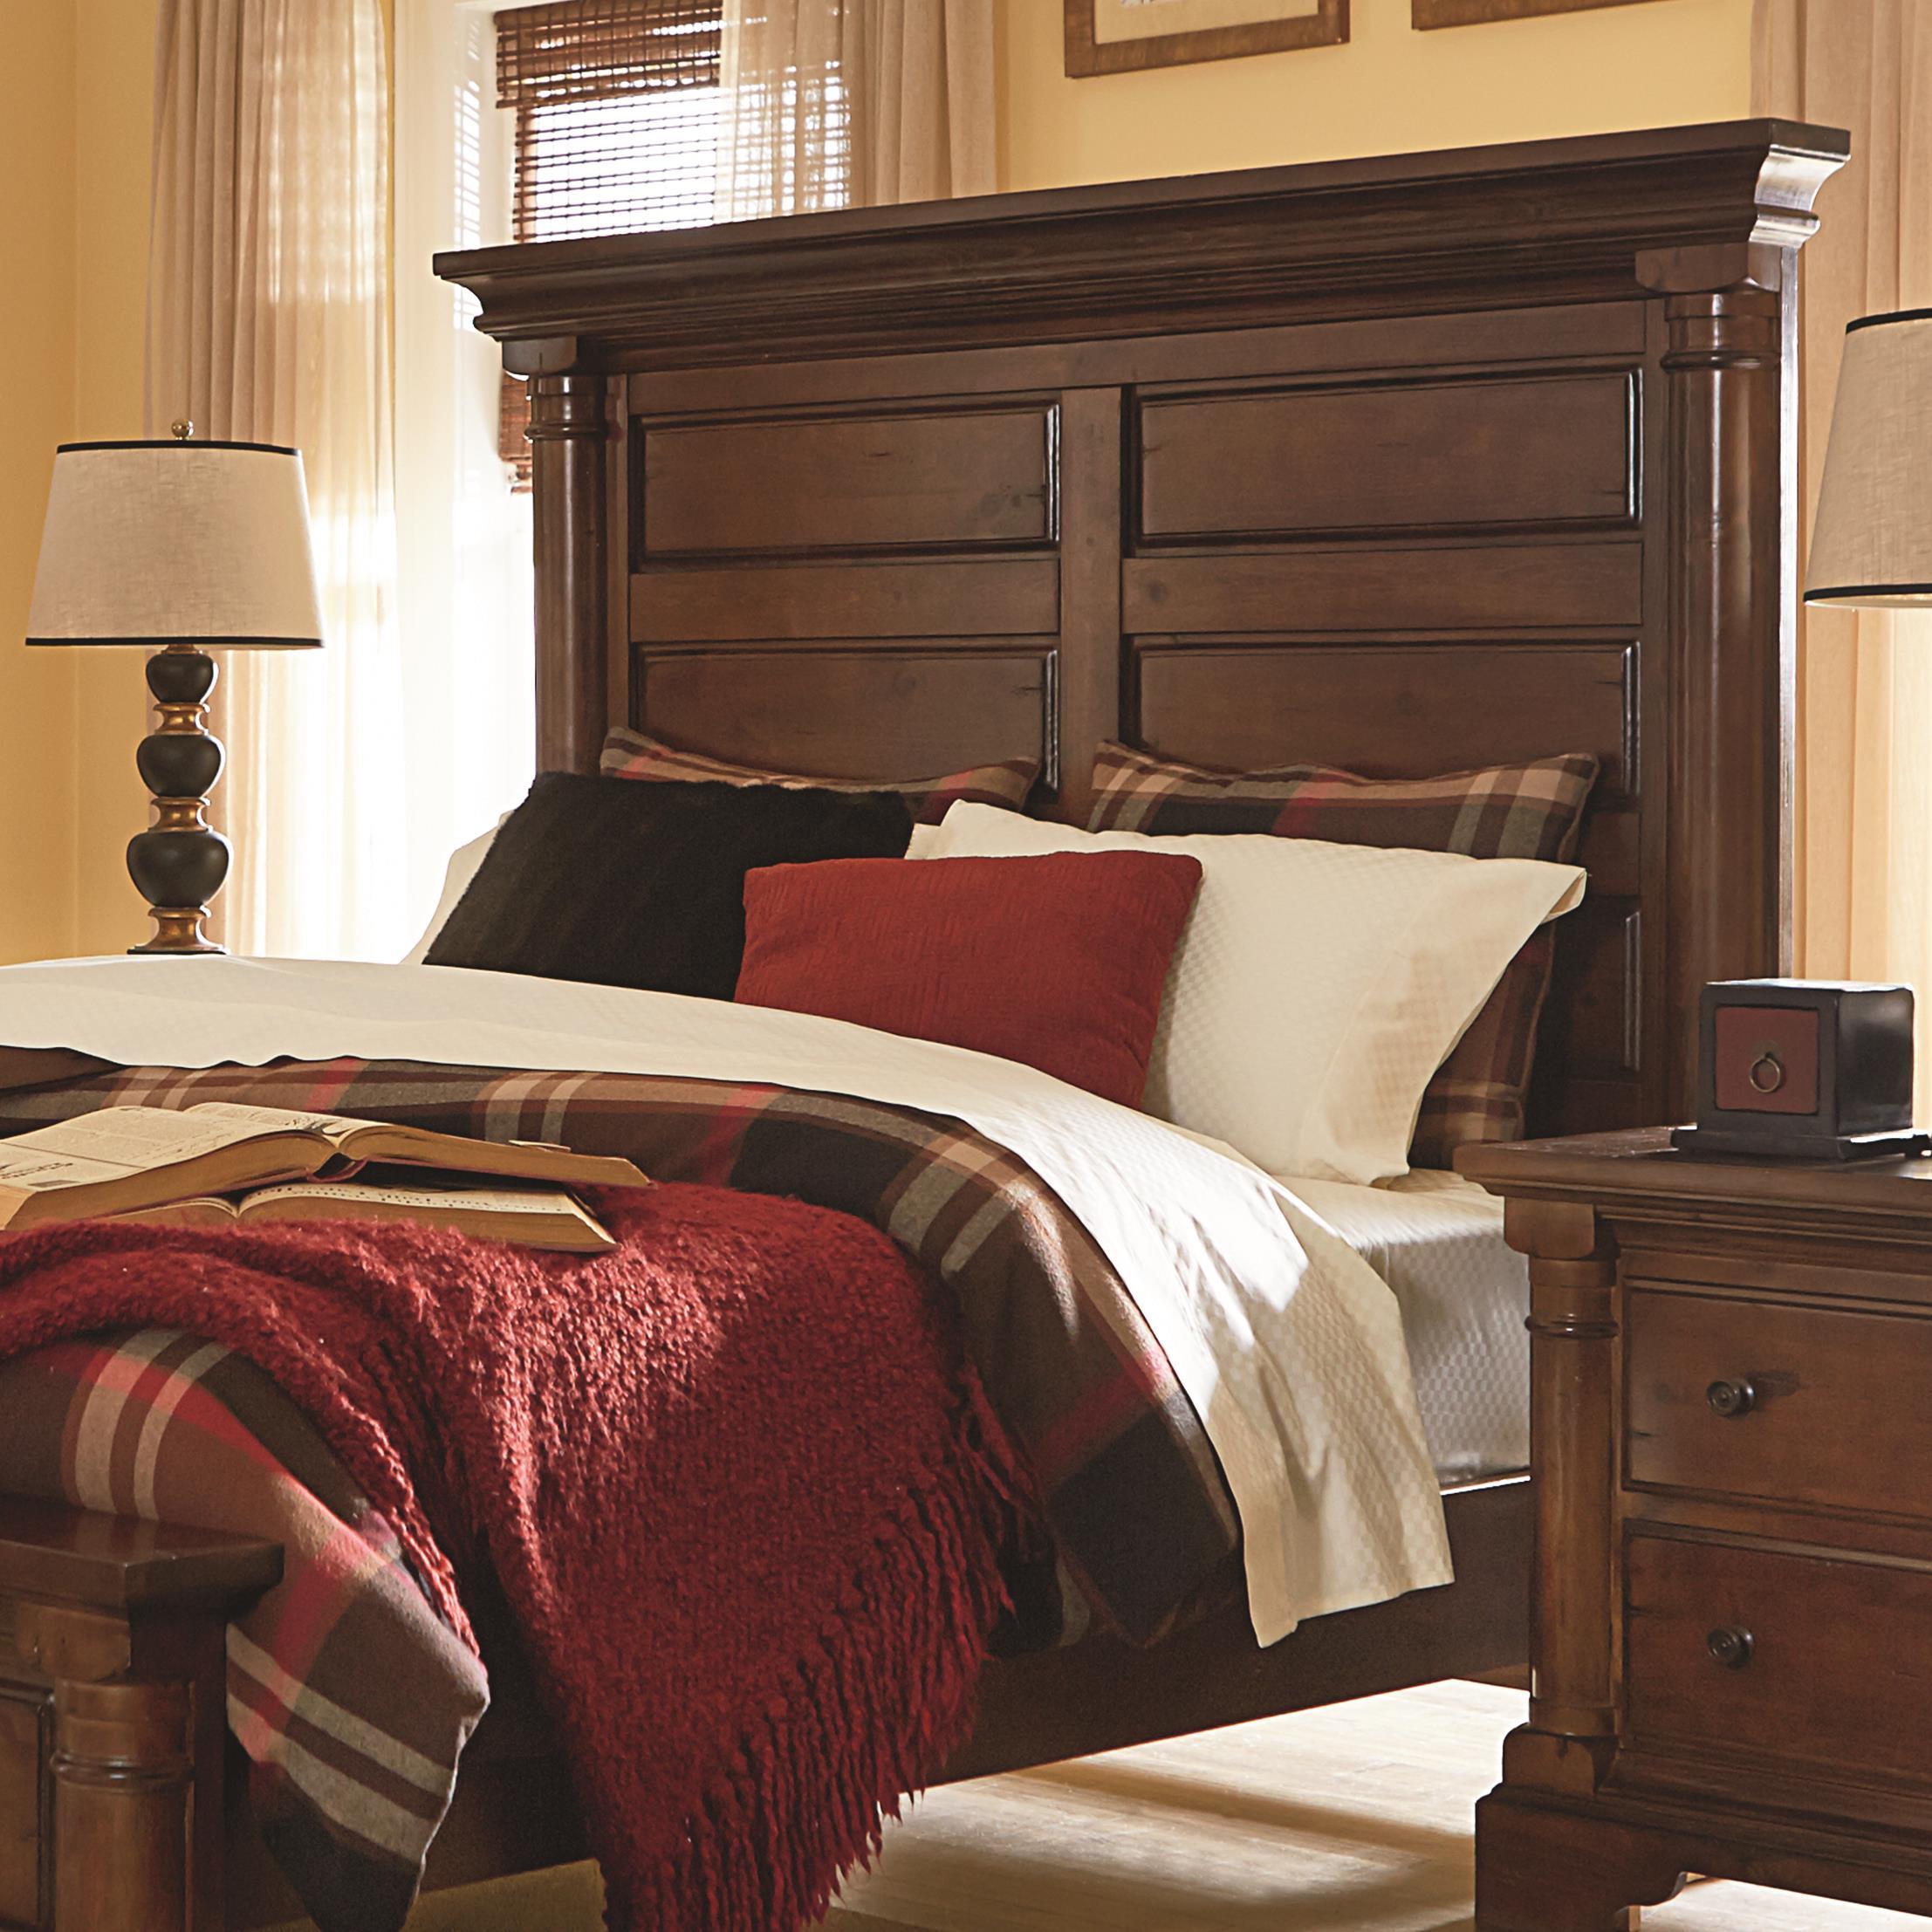 Progressive Furniture Gramercy Park Queen Panel Headboard - Item Number: P660-34